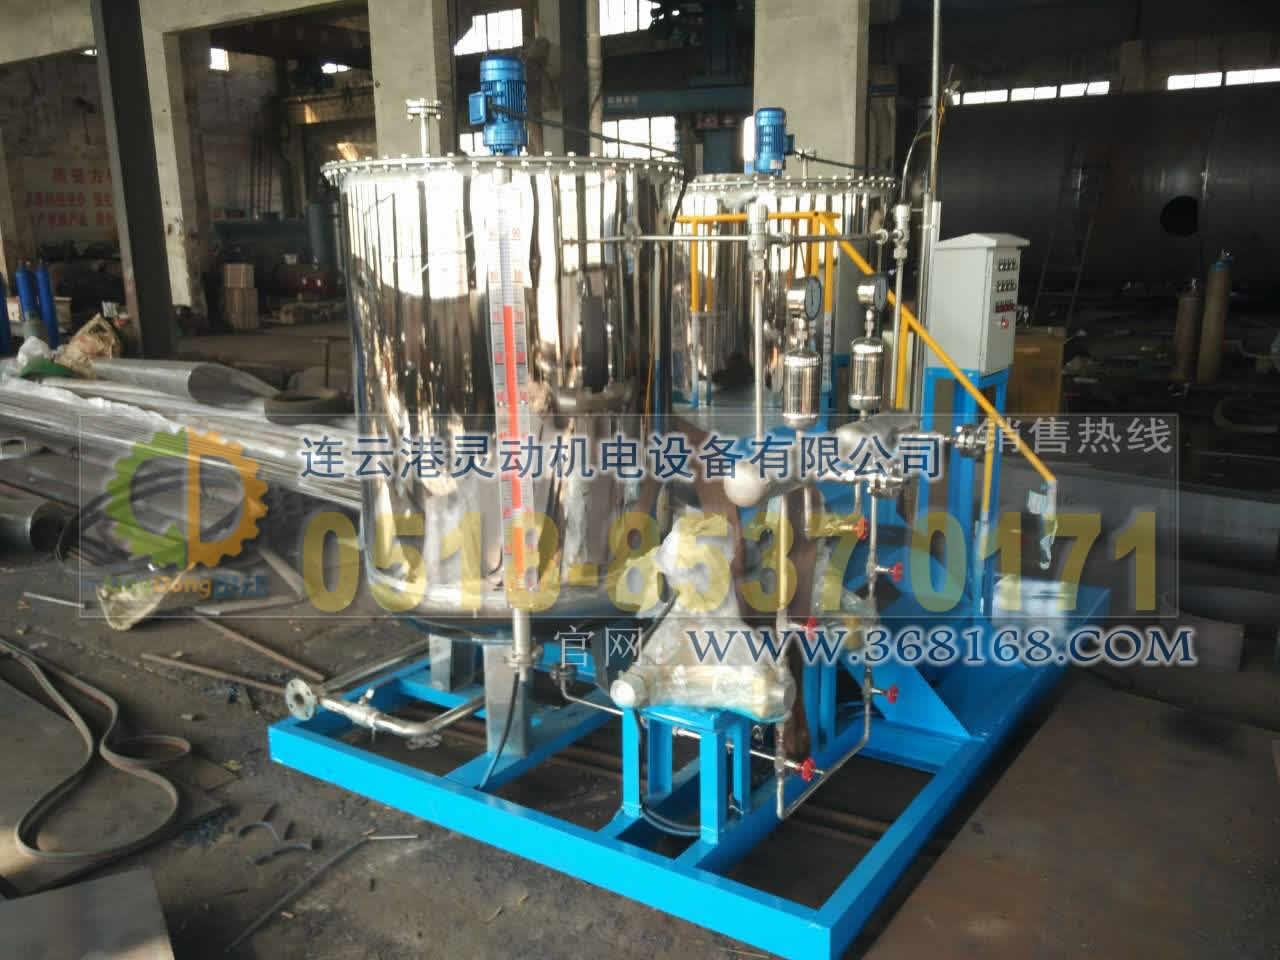 加药装置生产厂家,磷酸盐加药装置制造,锅炉联氨除氧加药装置销售,加氨装置生产,全自动加药装置厂家